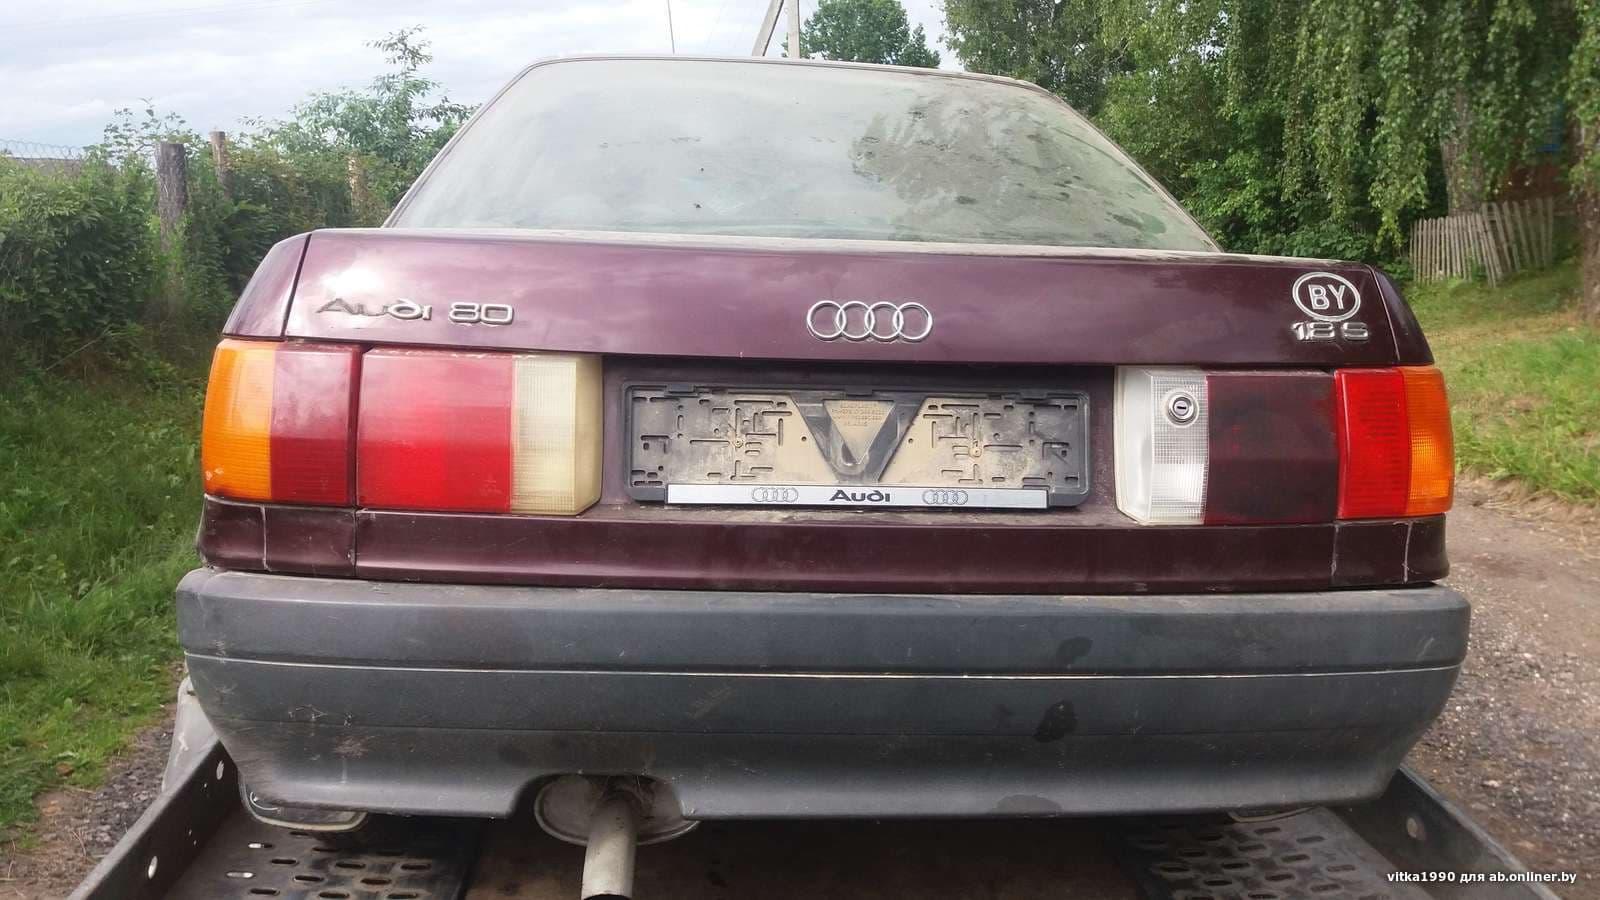 Audi 80 Моно